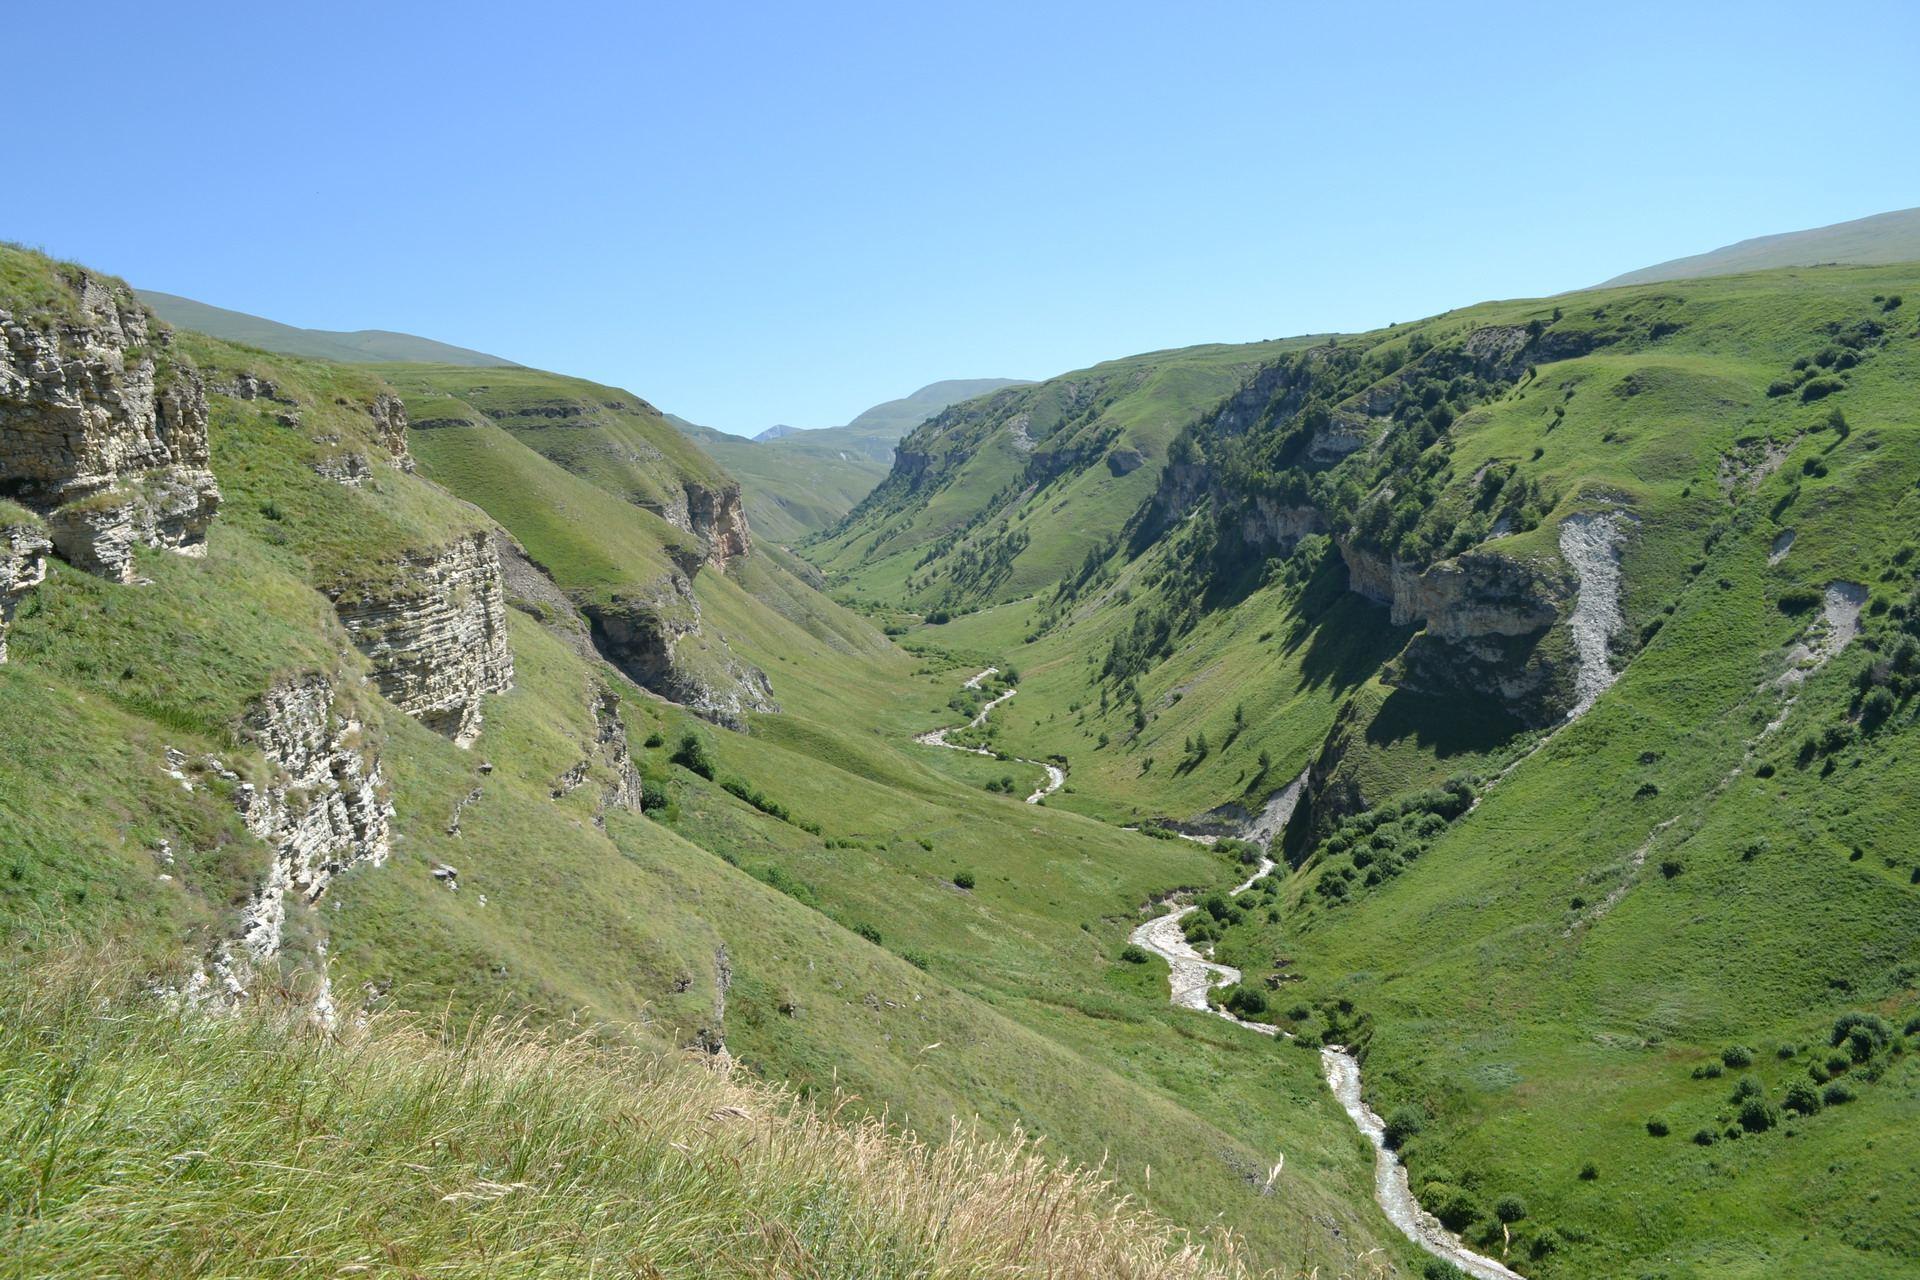 красивое ущелье, чечня, горы кавказа